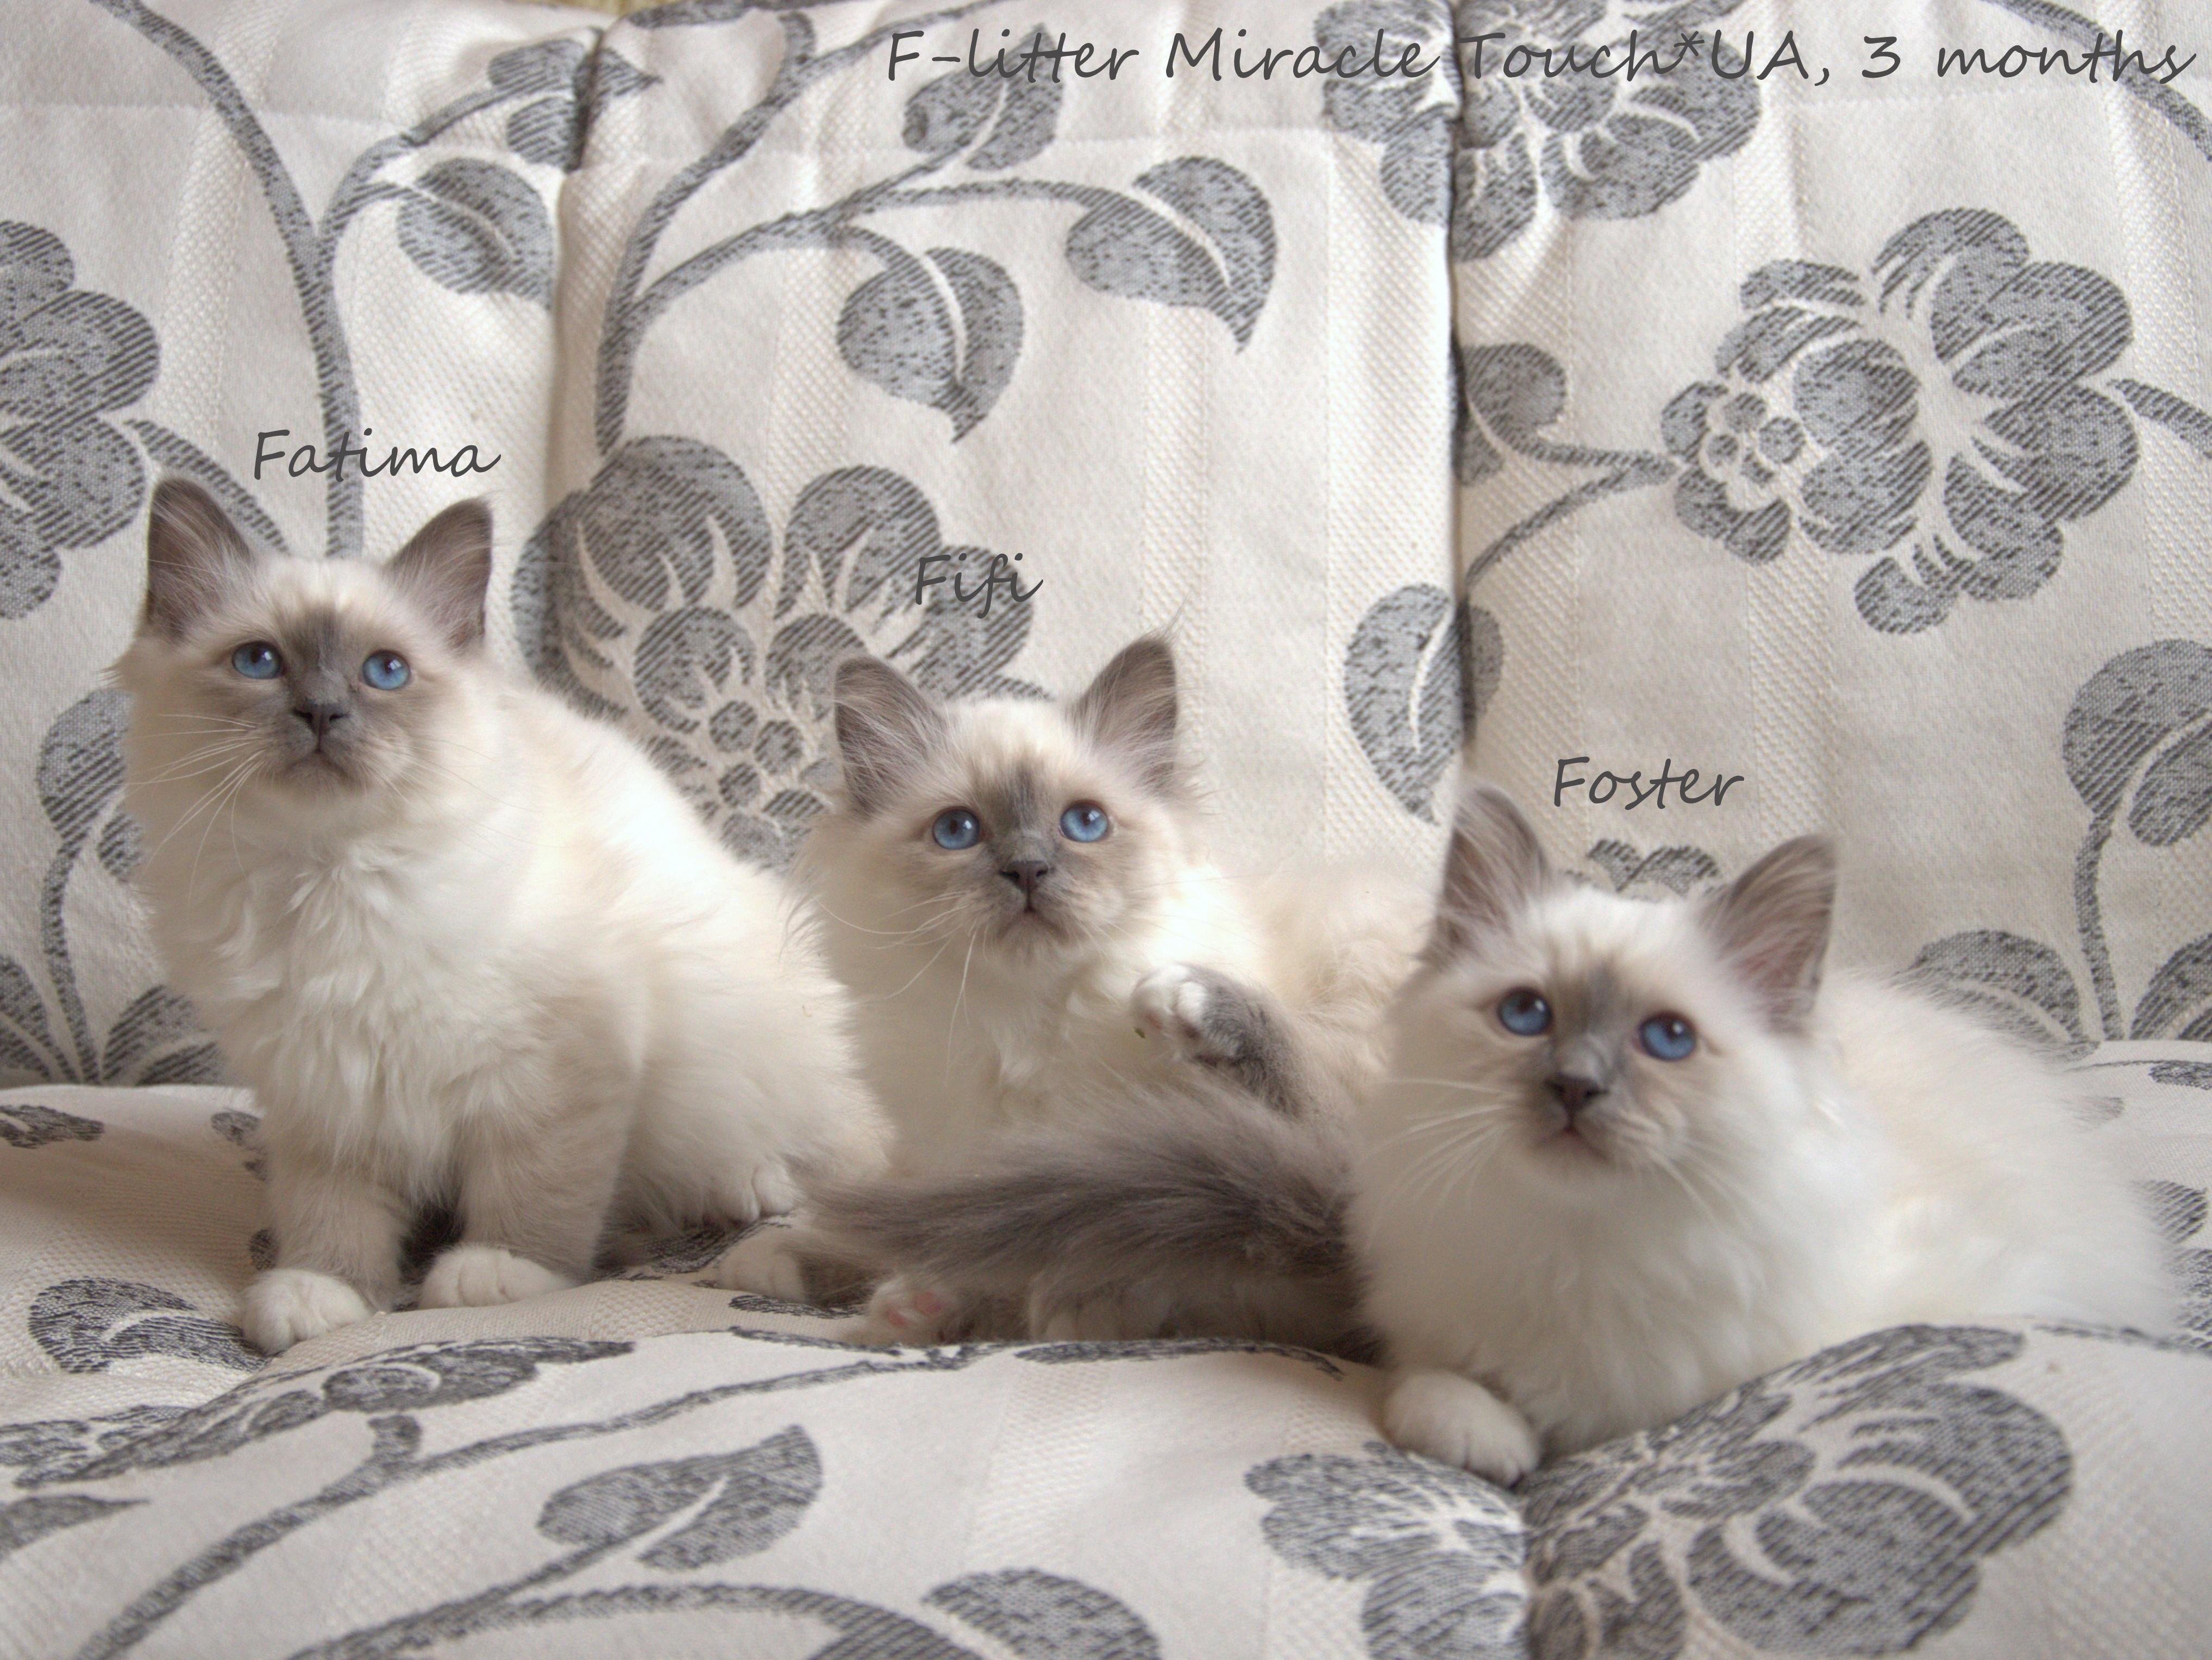 Фатима, Фифи, Фостер.jpg